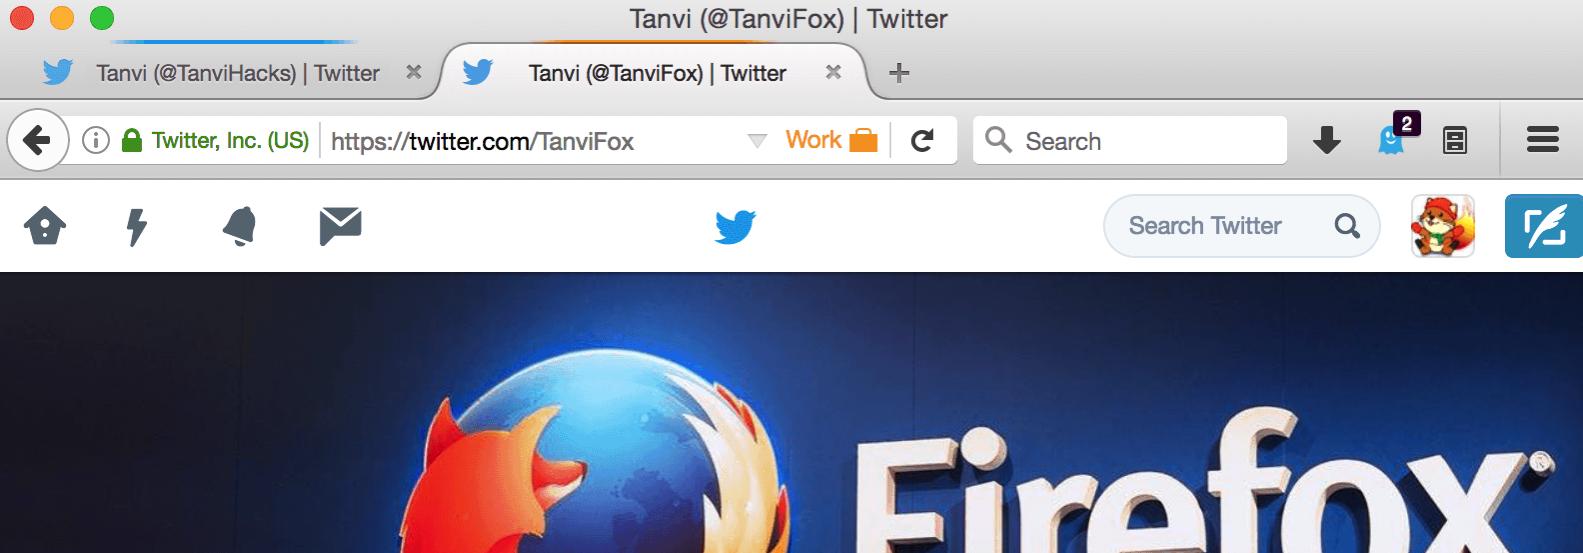 Firefox Contextual 01